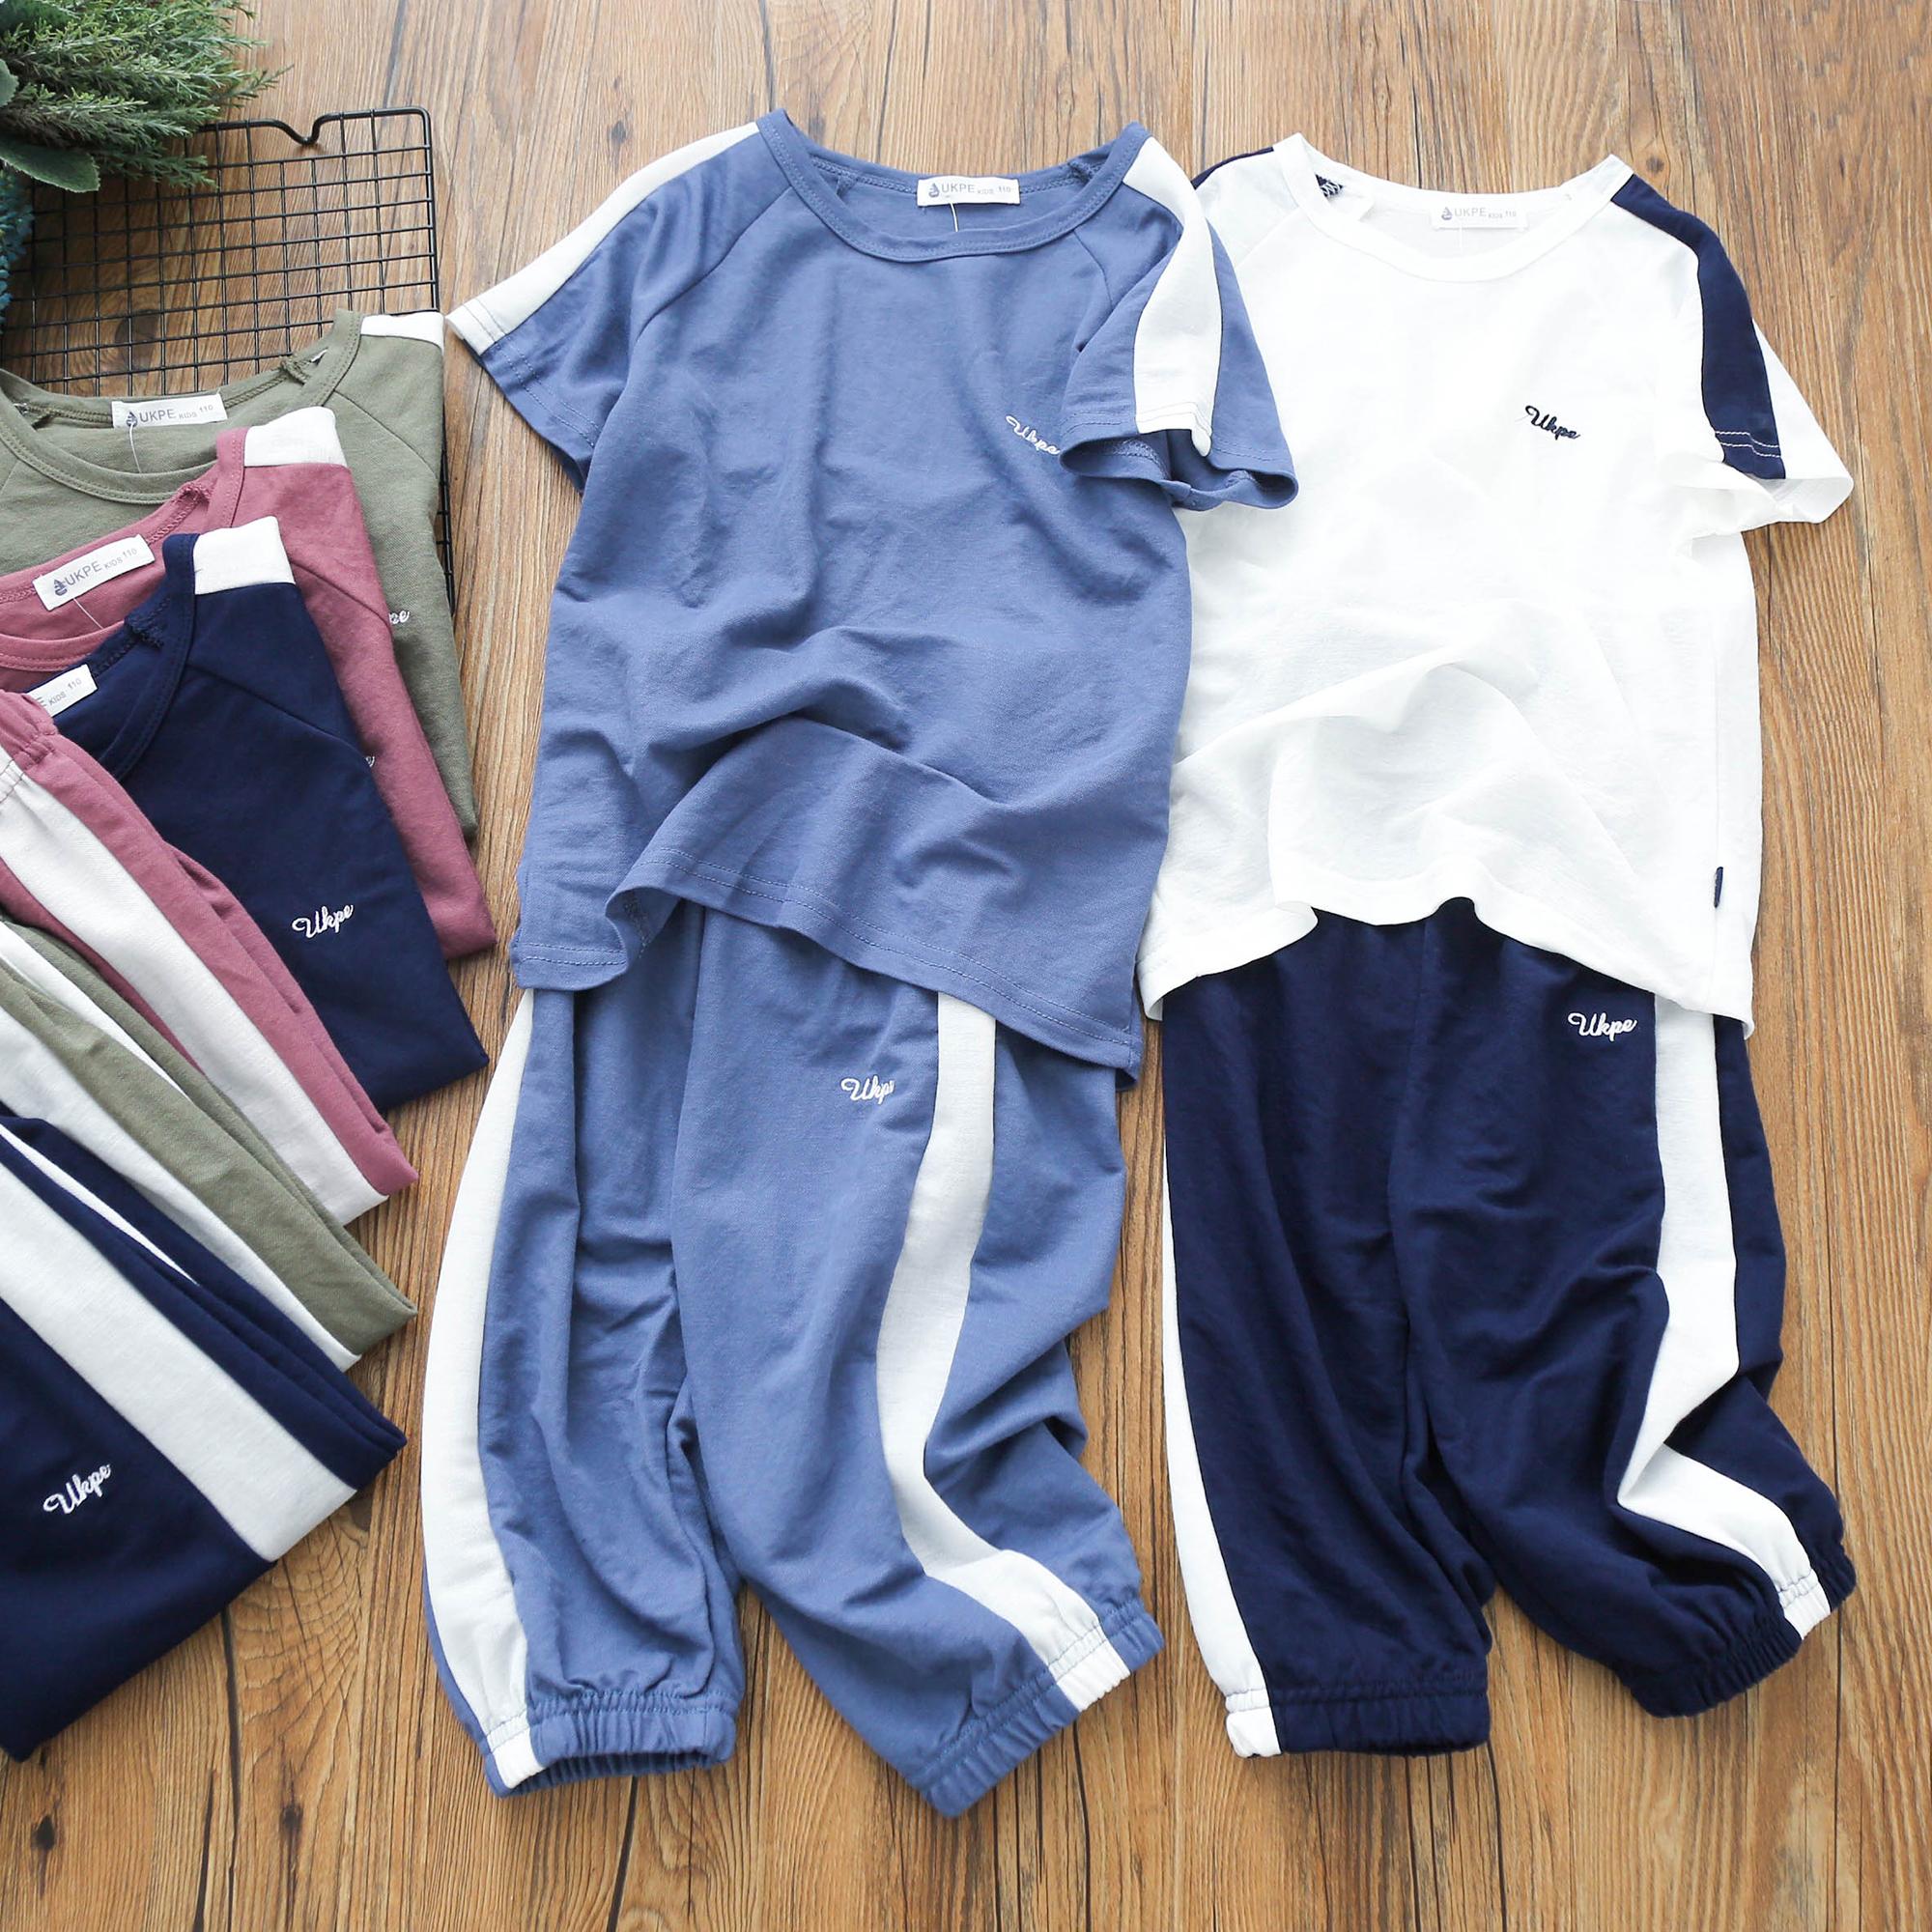 男童夏季套装新款儿童短袖短裤两件套排汗透气中大童运动夏装 Изображение 1